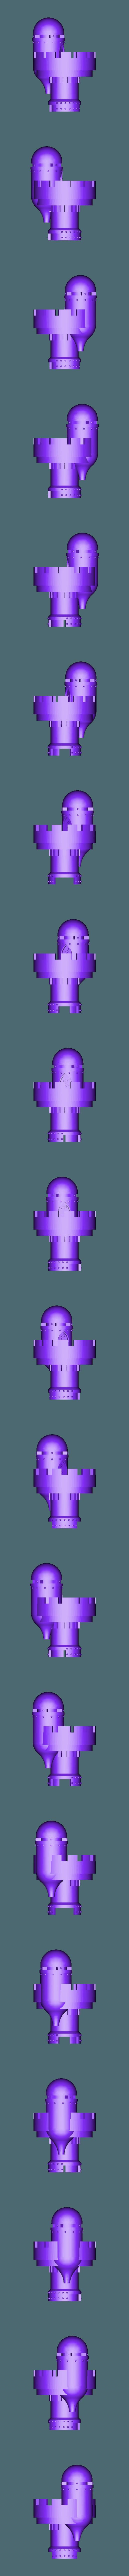 fire control centre main.stl Télécharger fichier STL gratuit 40k Centre de contrôle de tir Big Wall Lord Titan • Modèle imprimable en 3D, The_Titan_Manifactorium